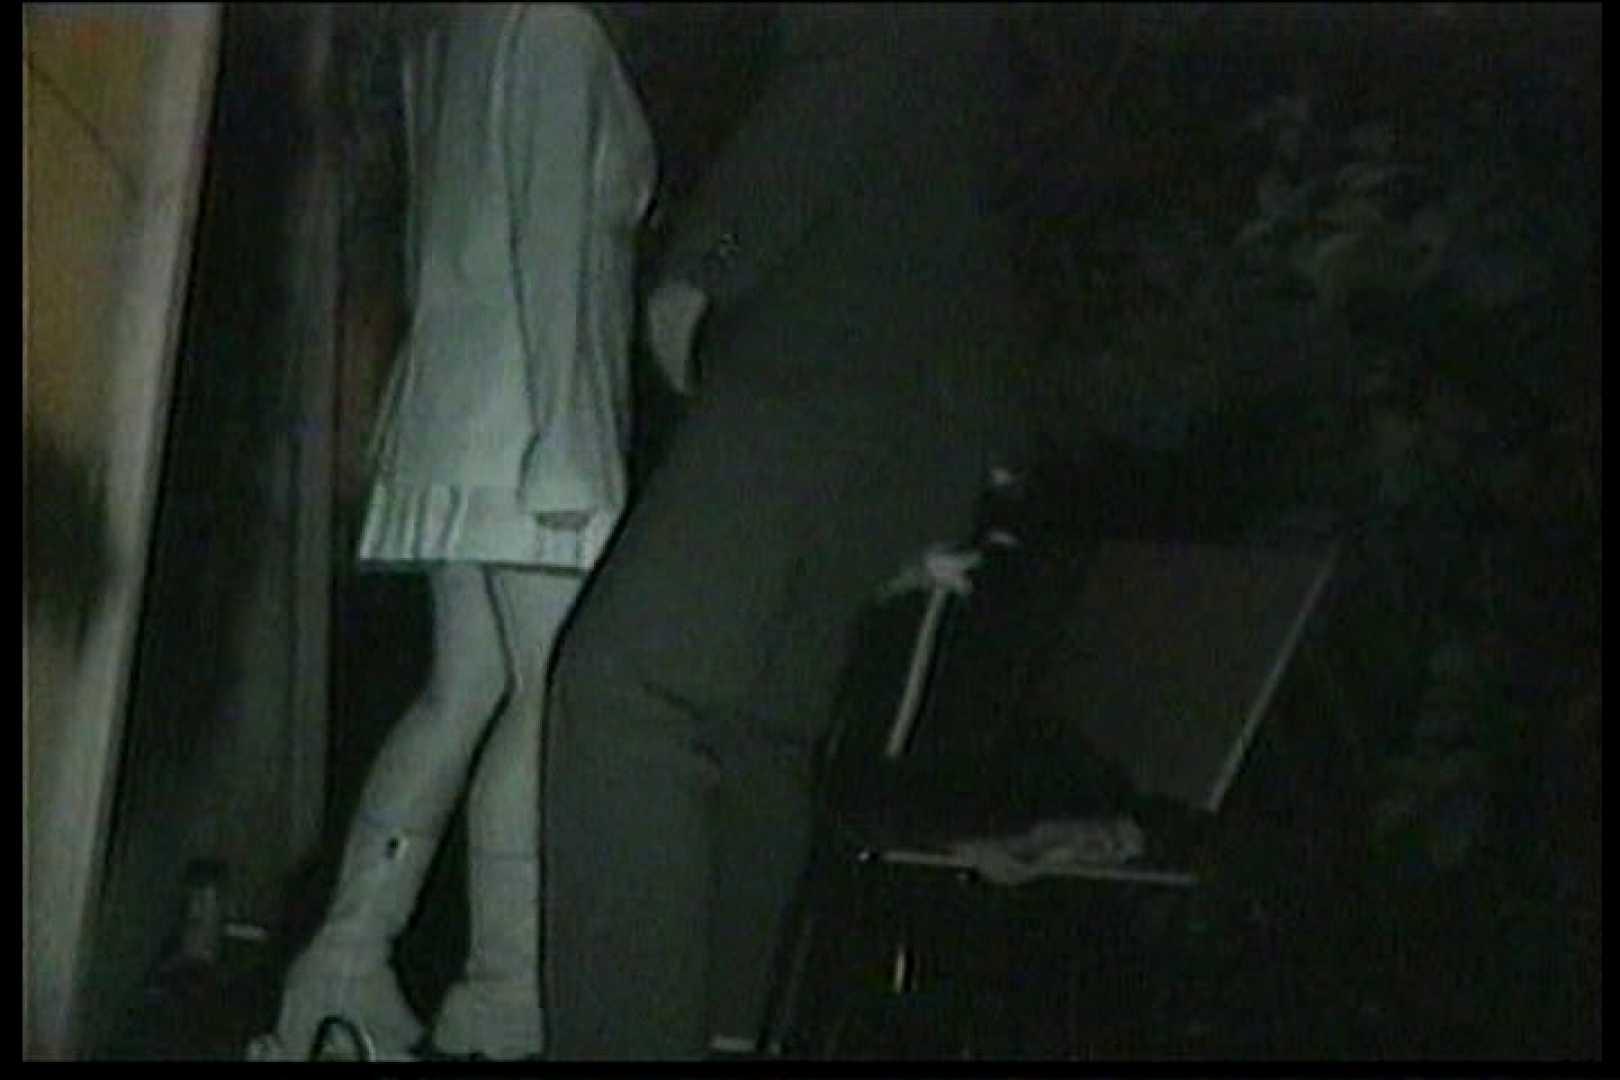 闇の仕掛け人 無修正版 Vol.16 OLヌード天国 エロ画像 78PIX 72